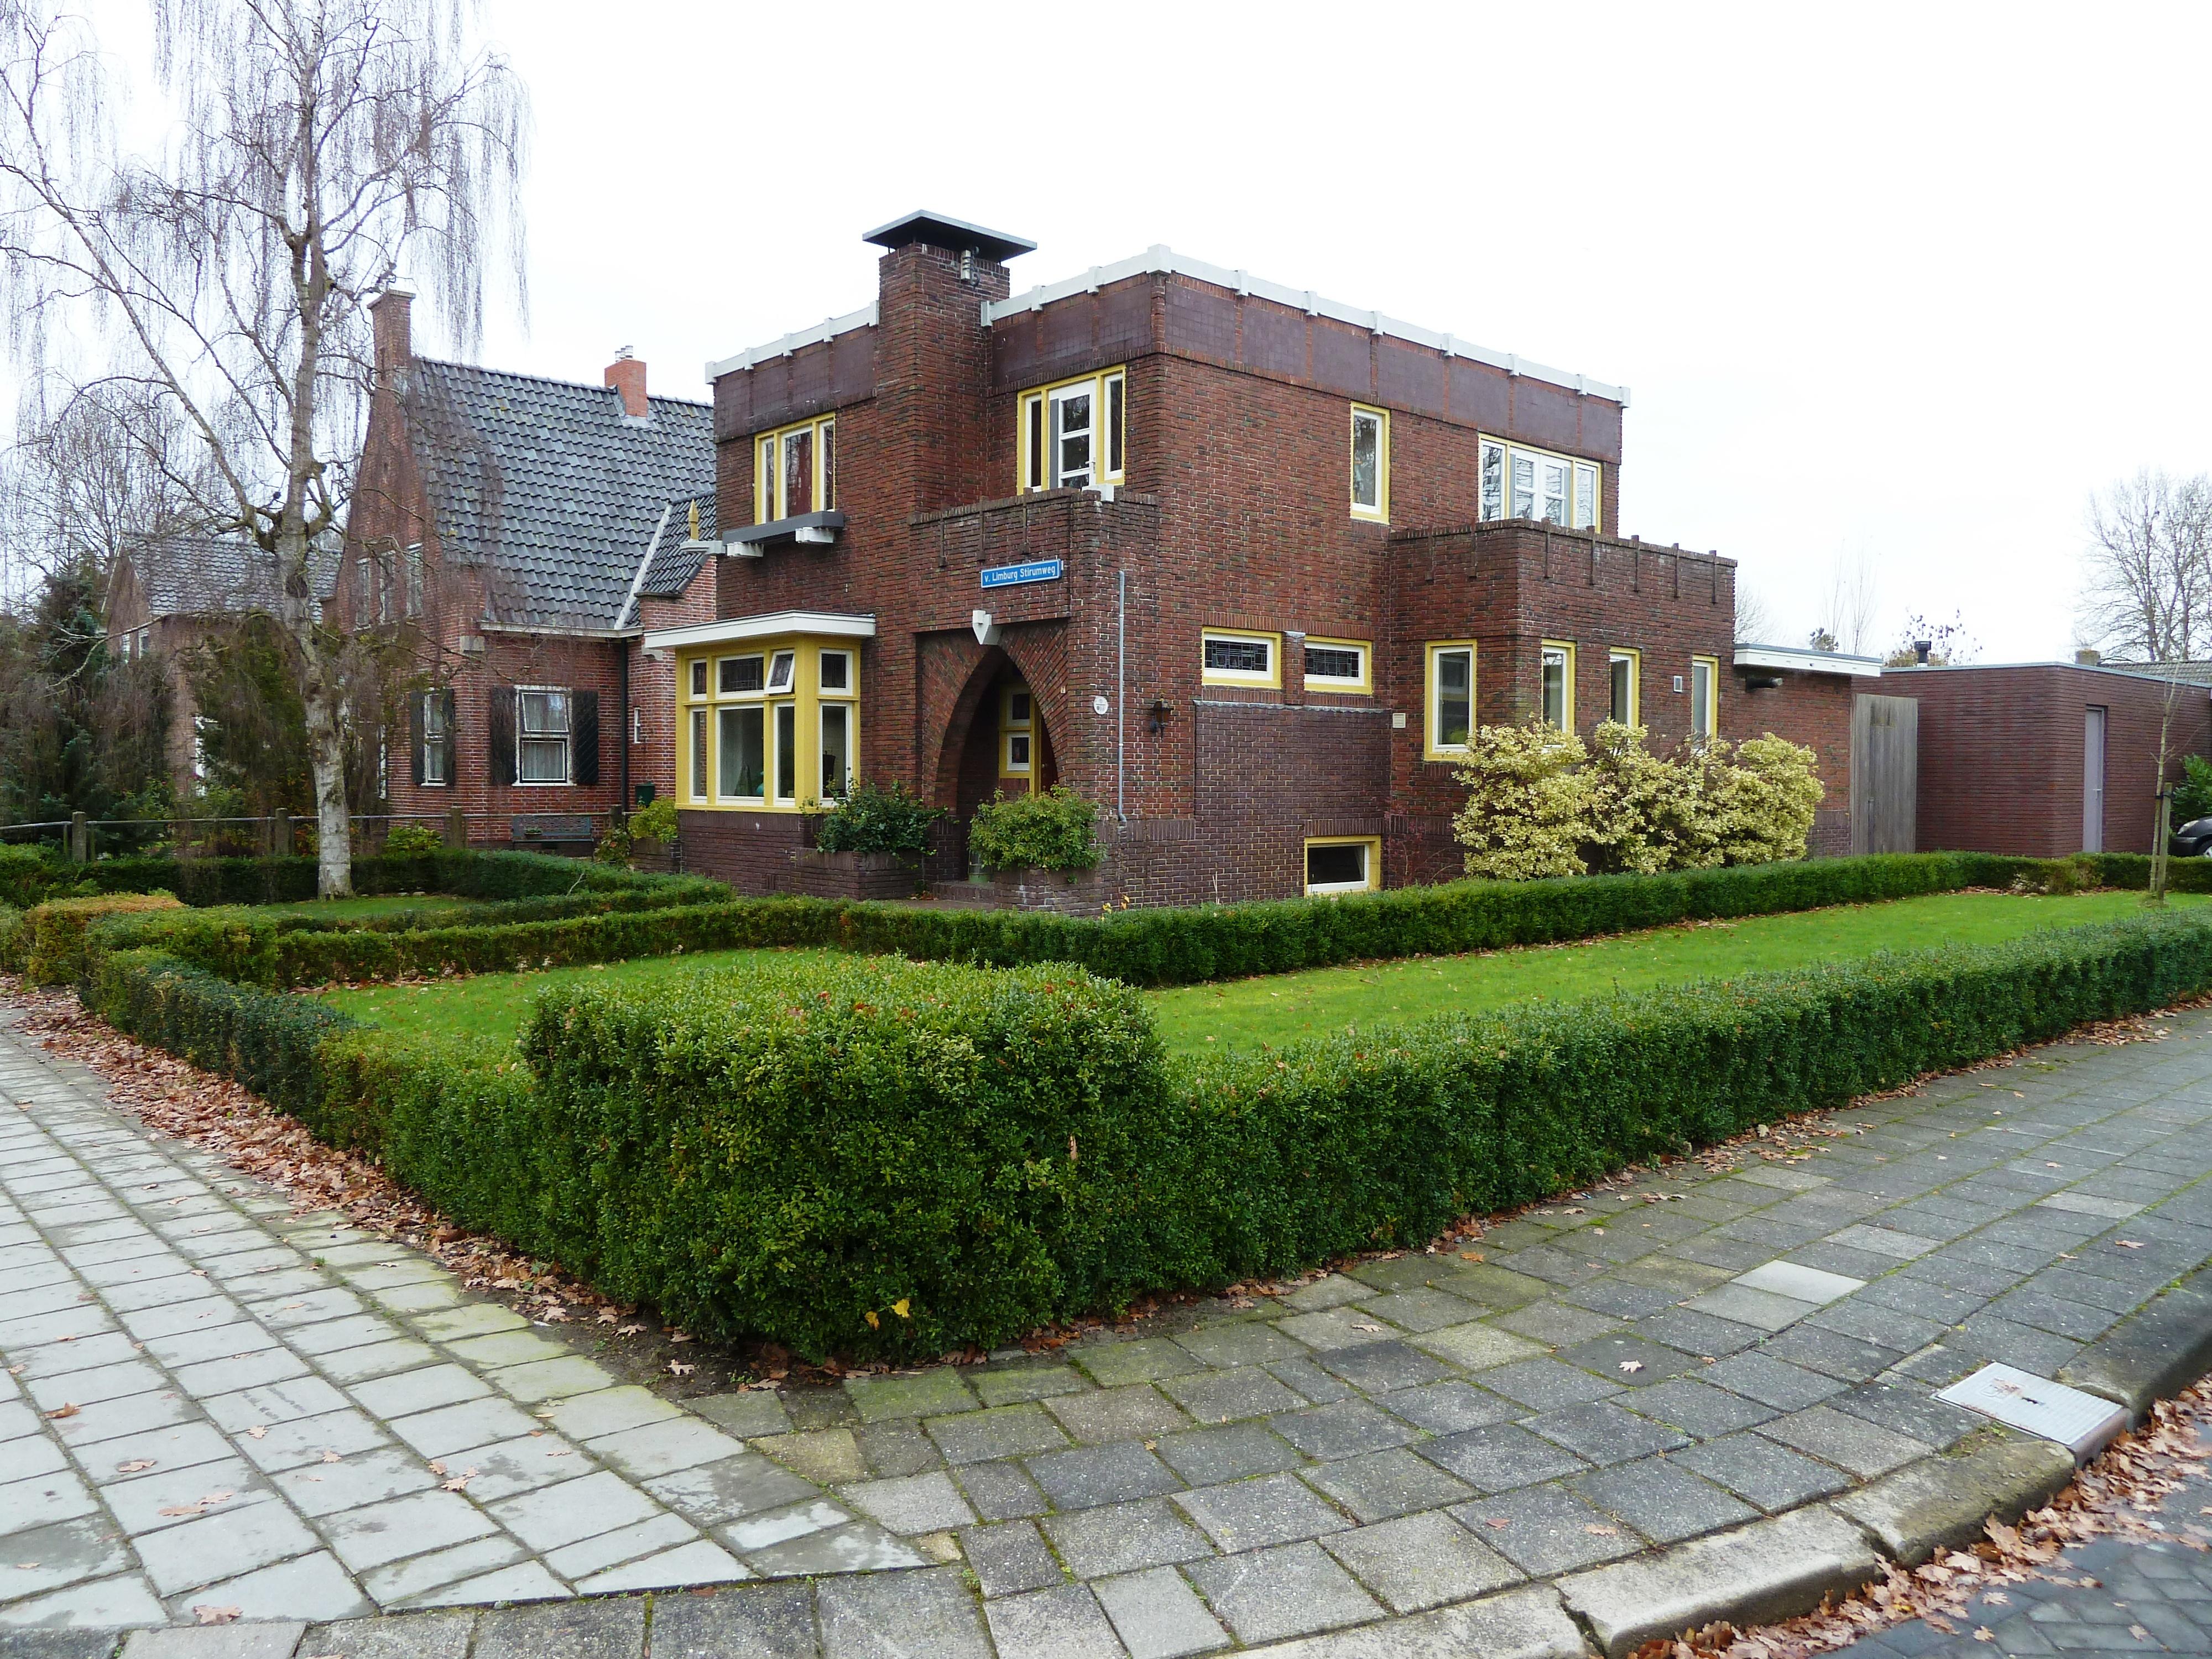 Woonhuis in kubistisch expressionistische stijl met aangebouwde schuur in kollum monument - Expressionistische architectuur ...